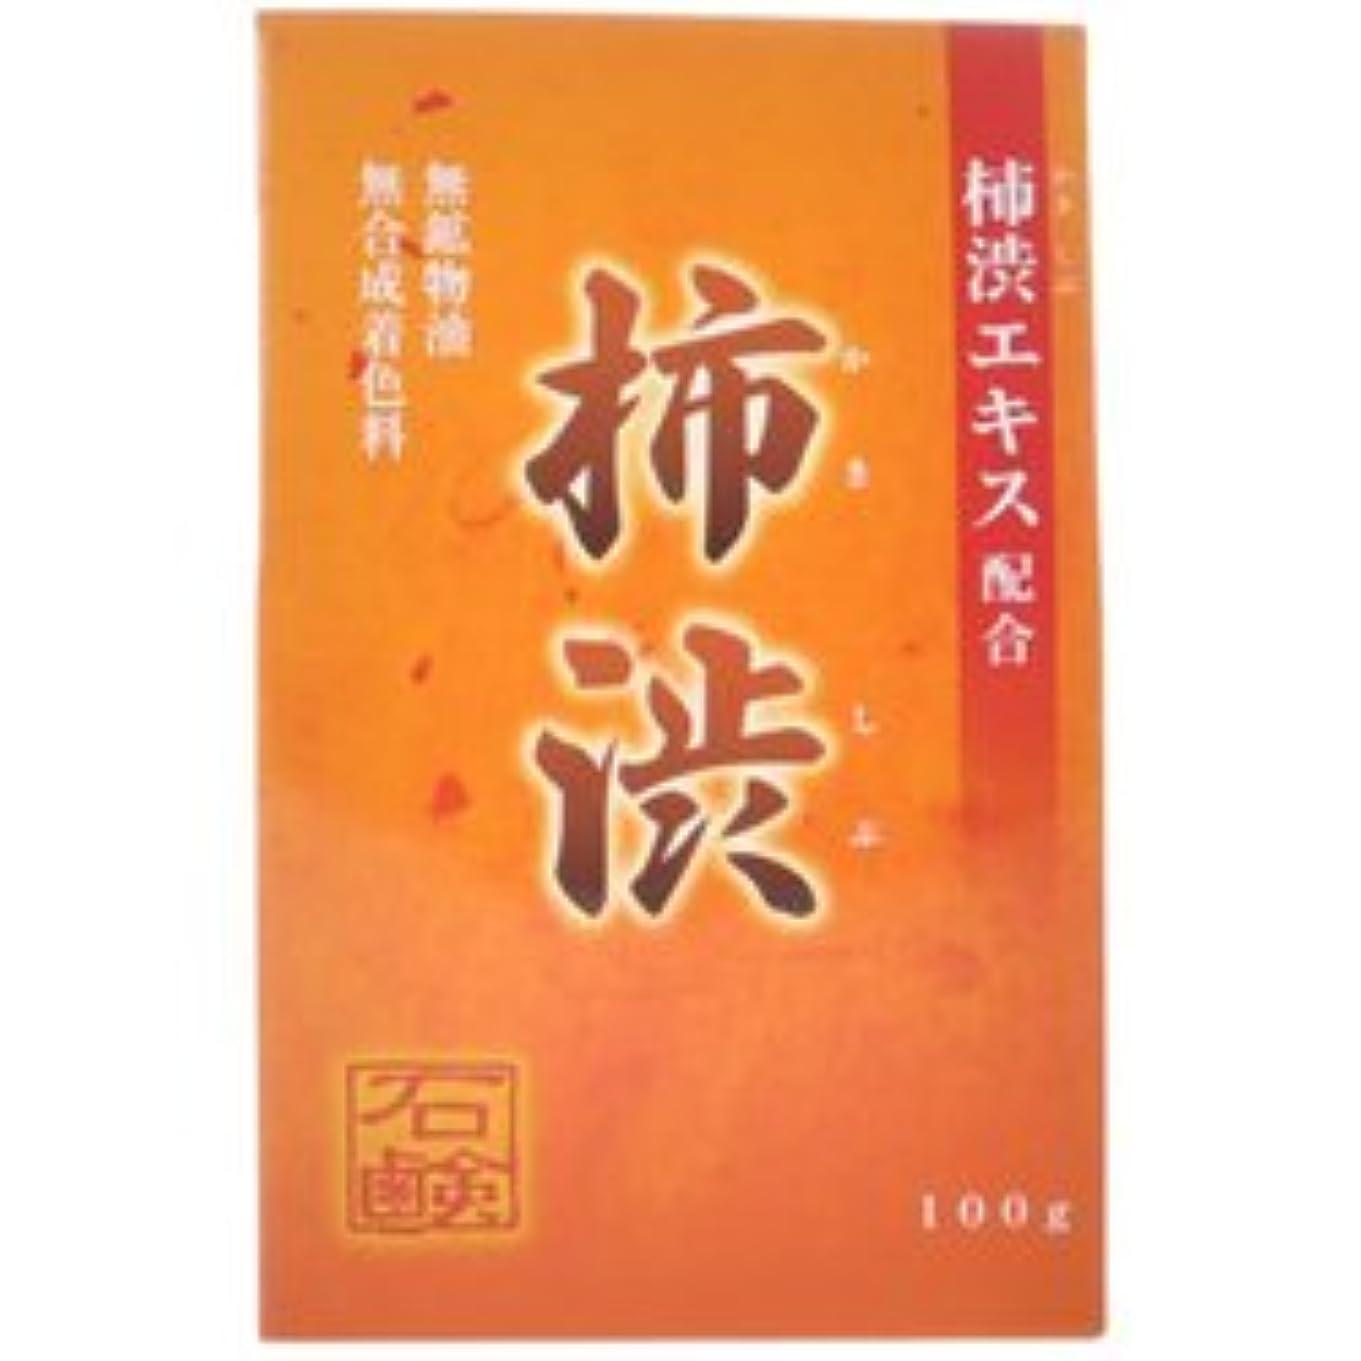 ほかに石炭ソーダ水【アール?エイチ?ビープロダクト】新 柿渋石鹸 100g ×5個セット